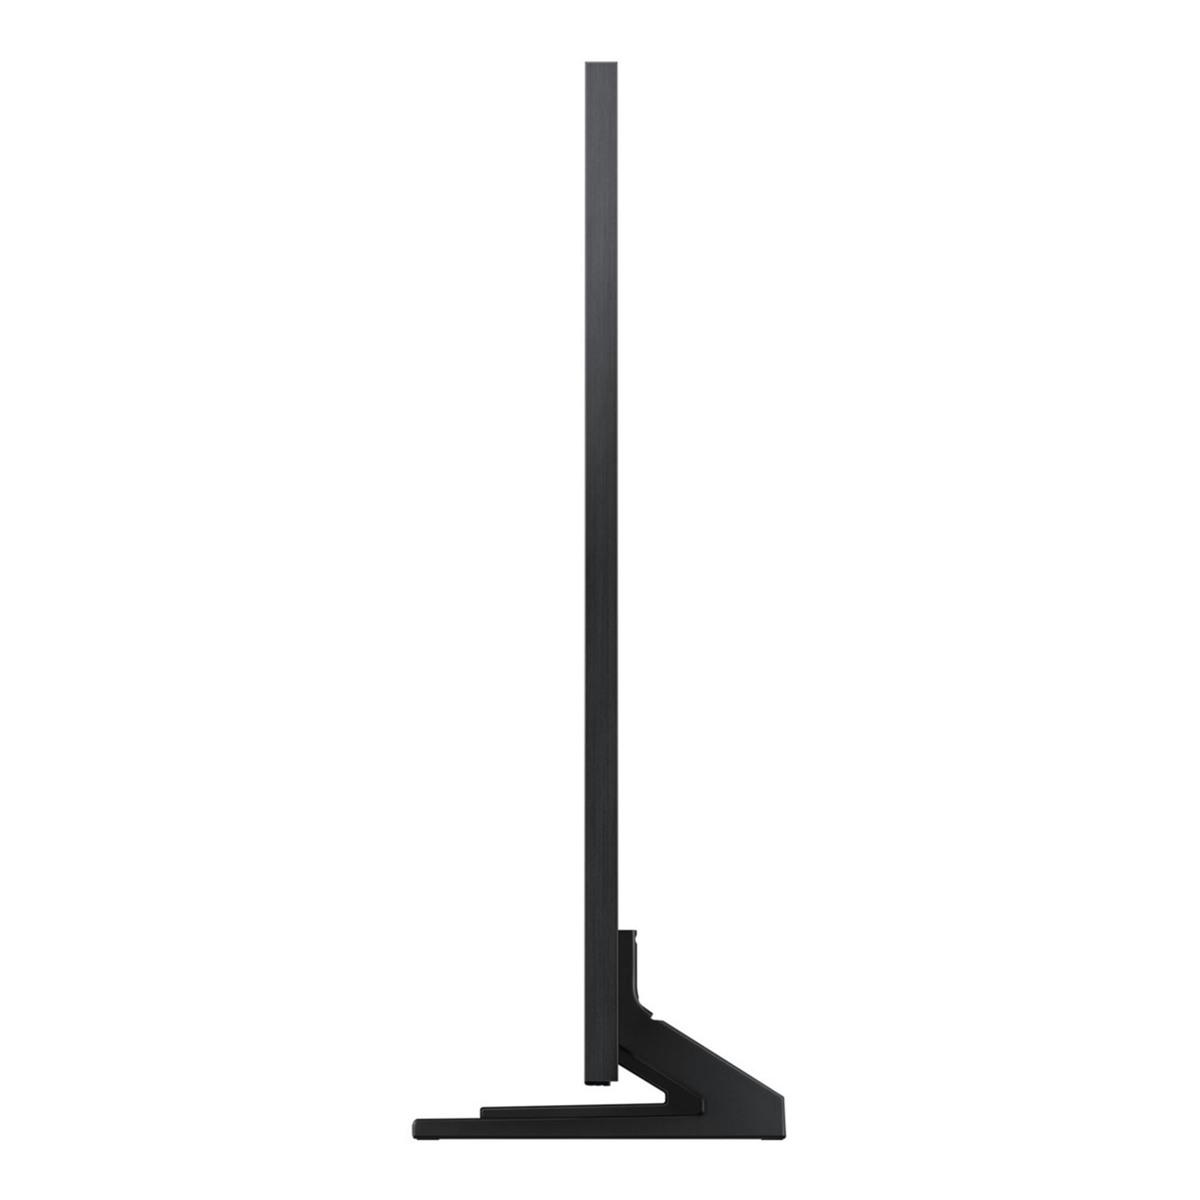 Buy Samsung QLED 8K Smart LED TV QA75Q900RBKXZN 75